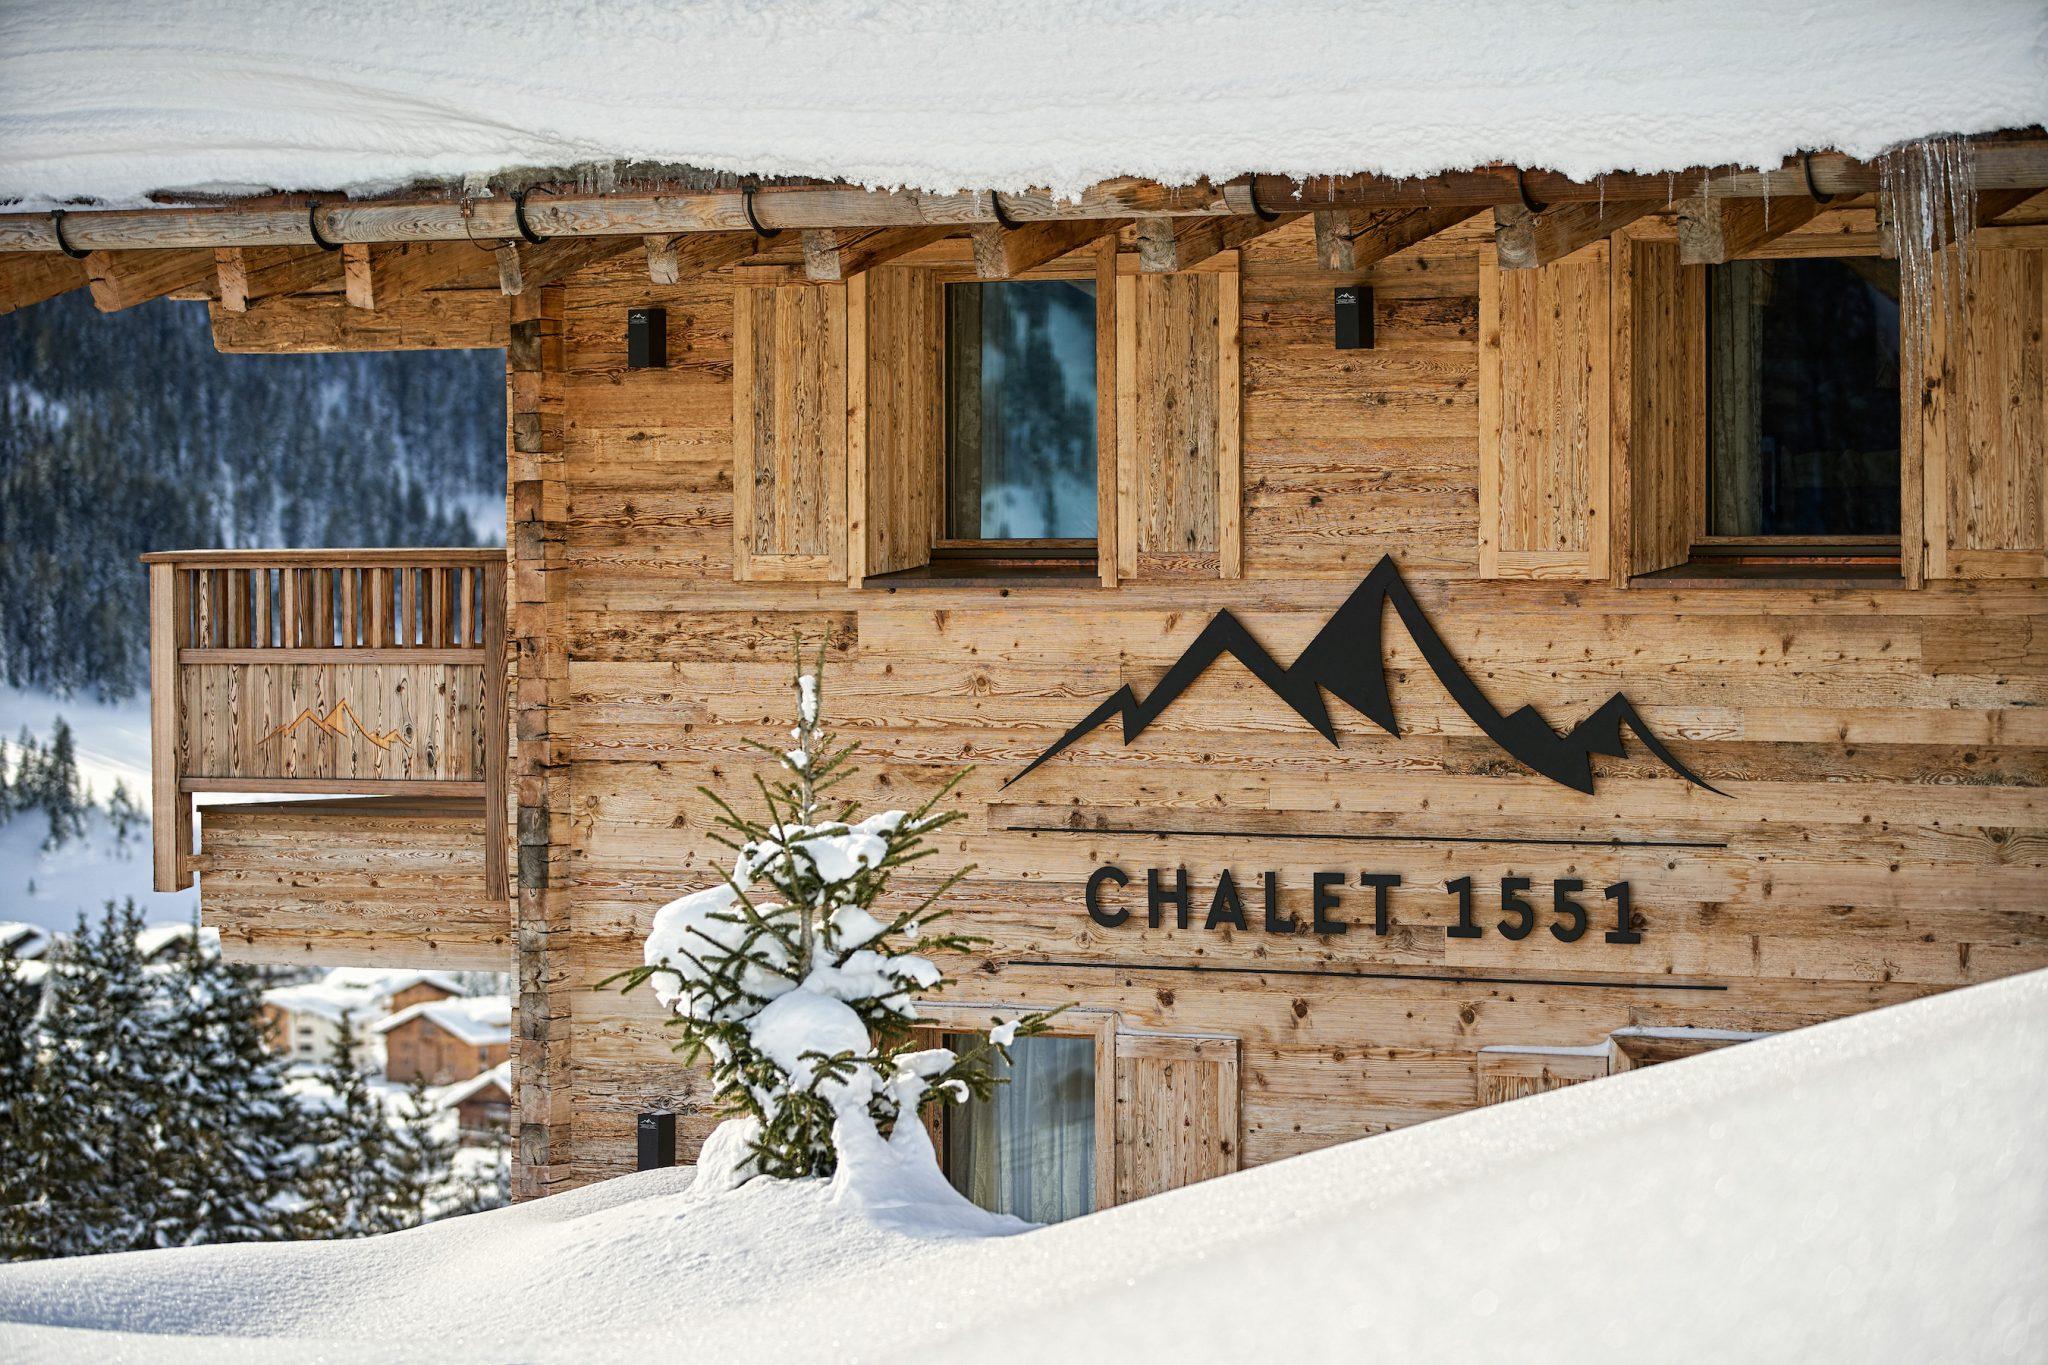 chalet-1551-oberlech-747-6764-lech-austria-12